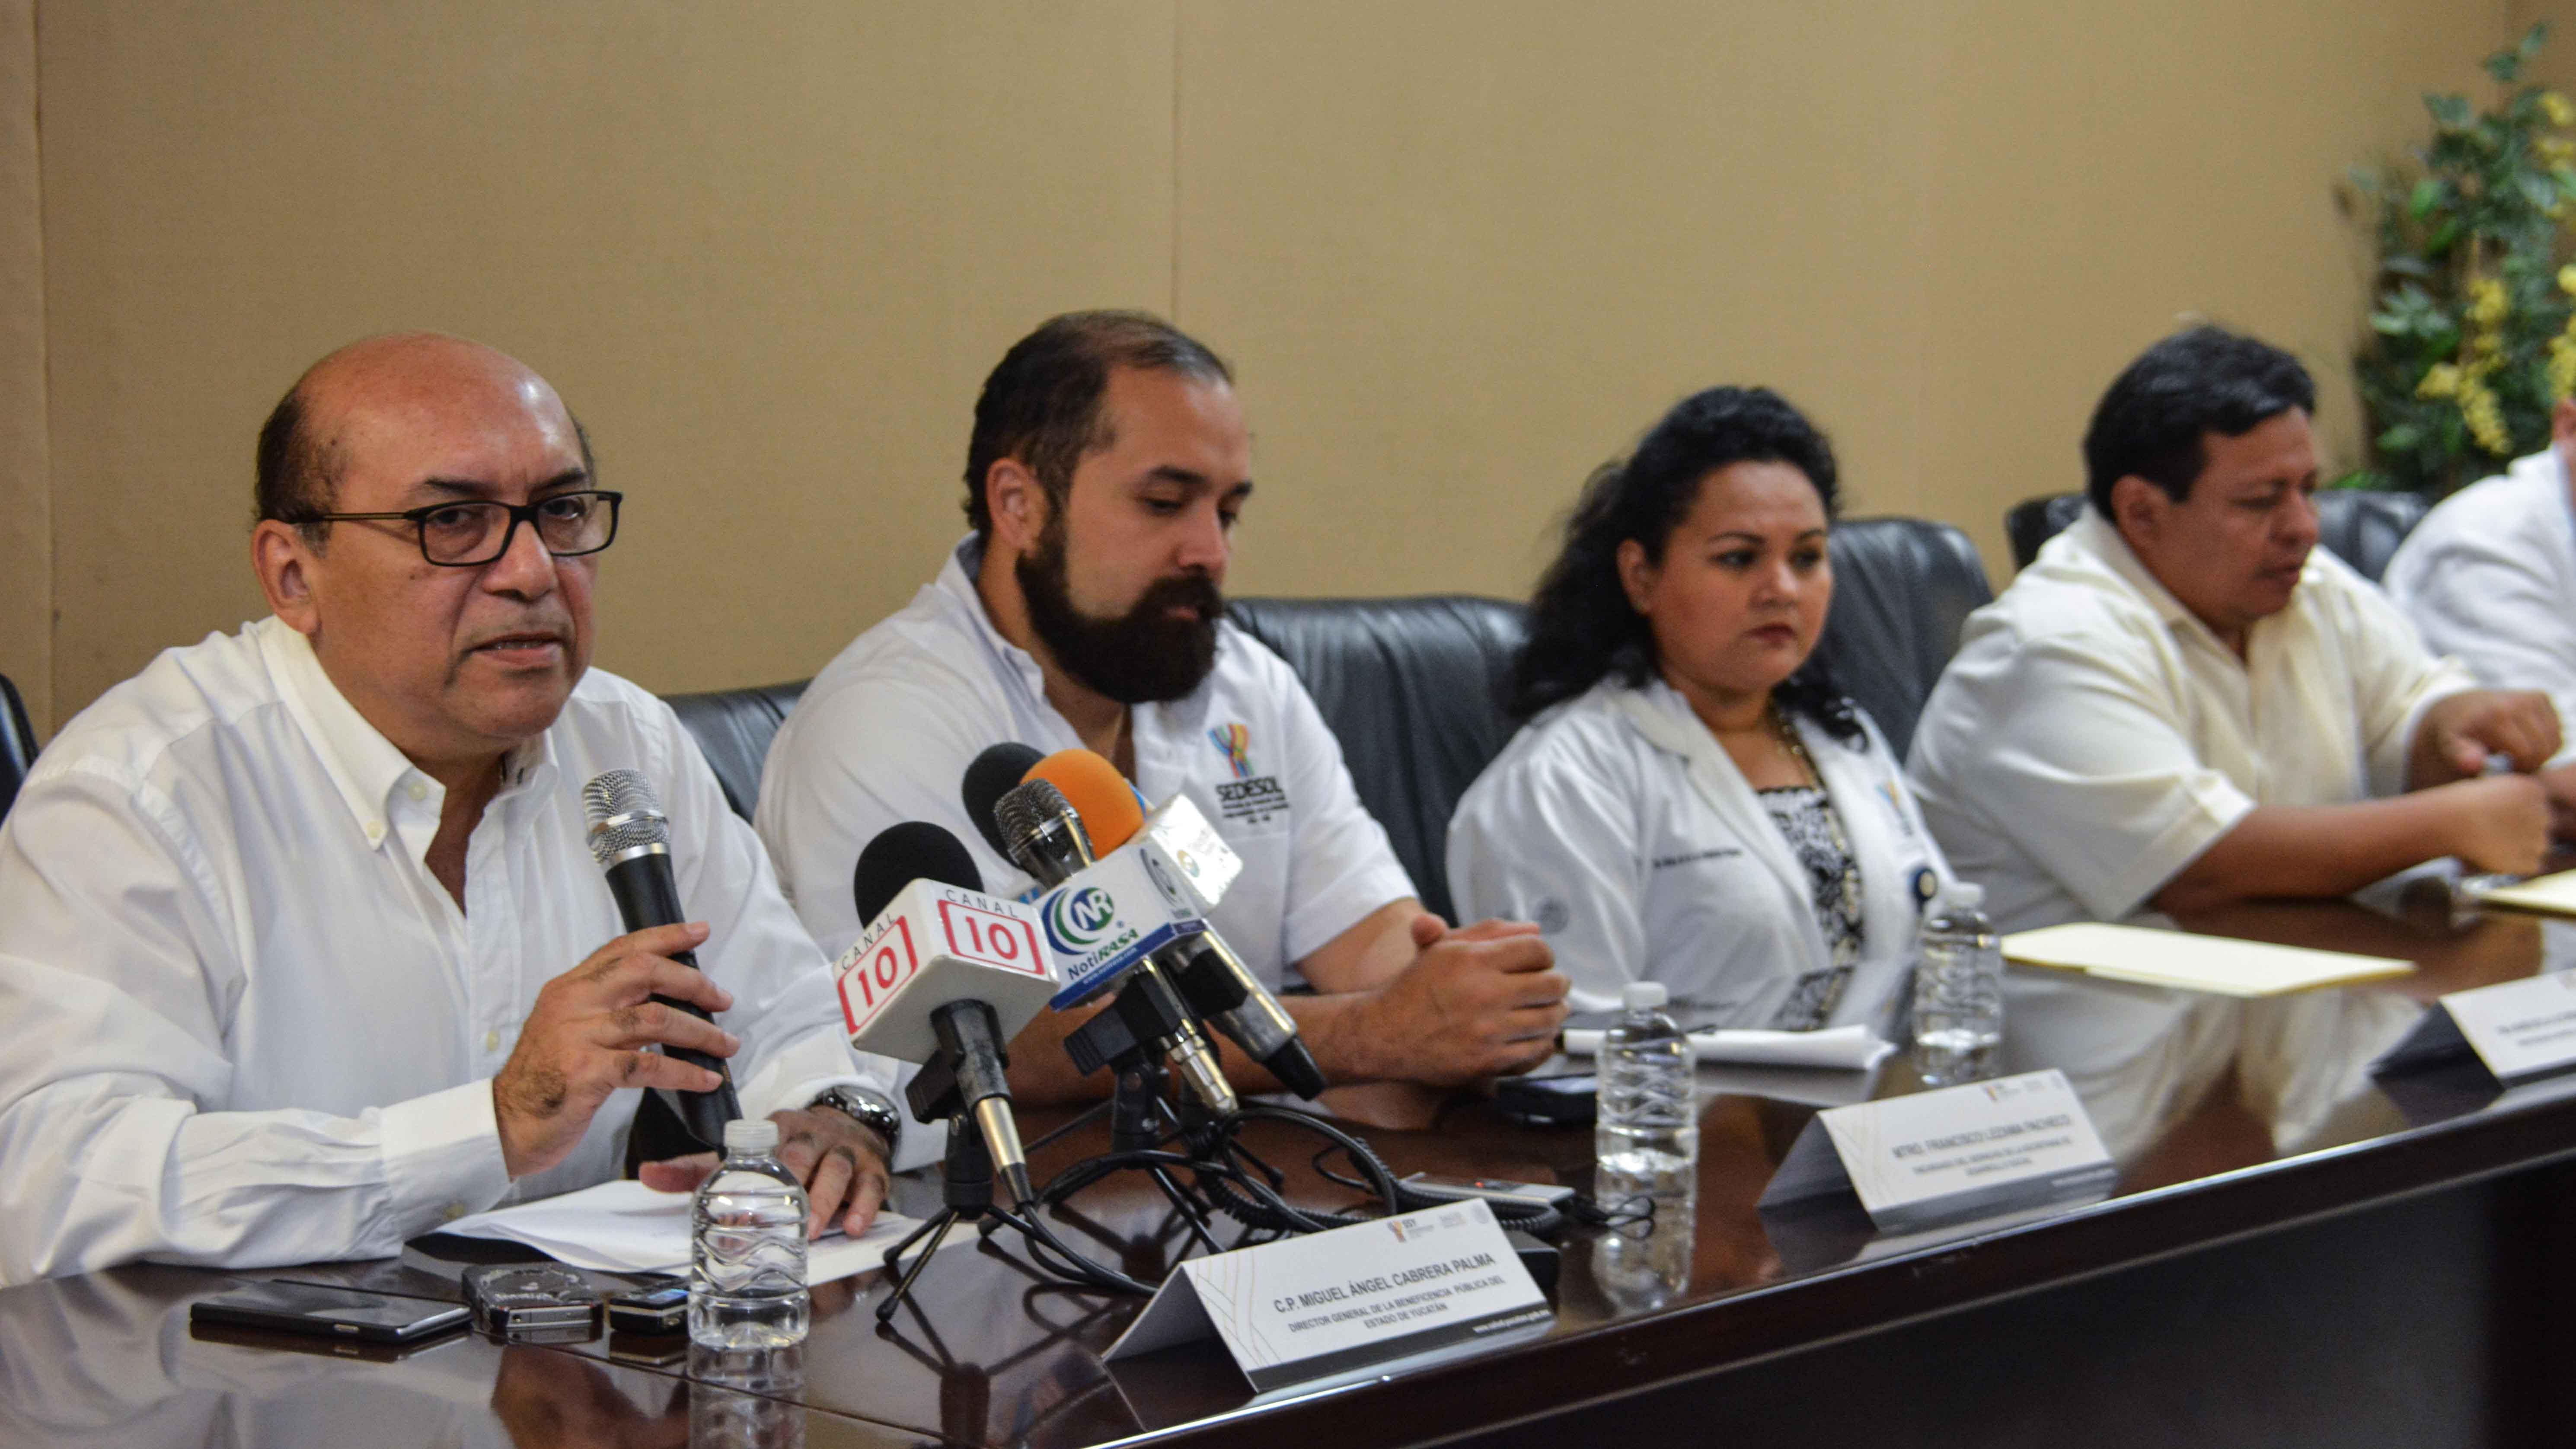 La Beneficencia Pública del Estado, aportará las prótesis con lo que se beneficiará a pacientes de escasos recursos